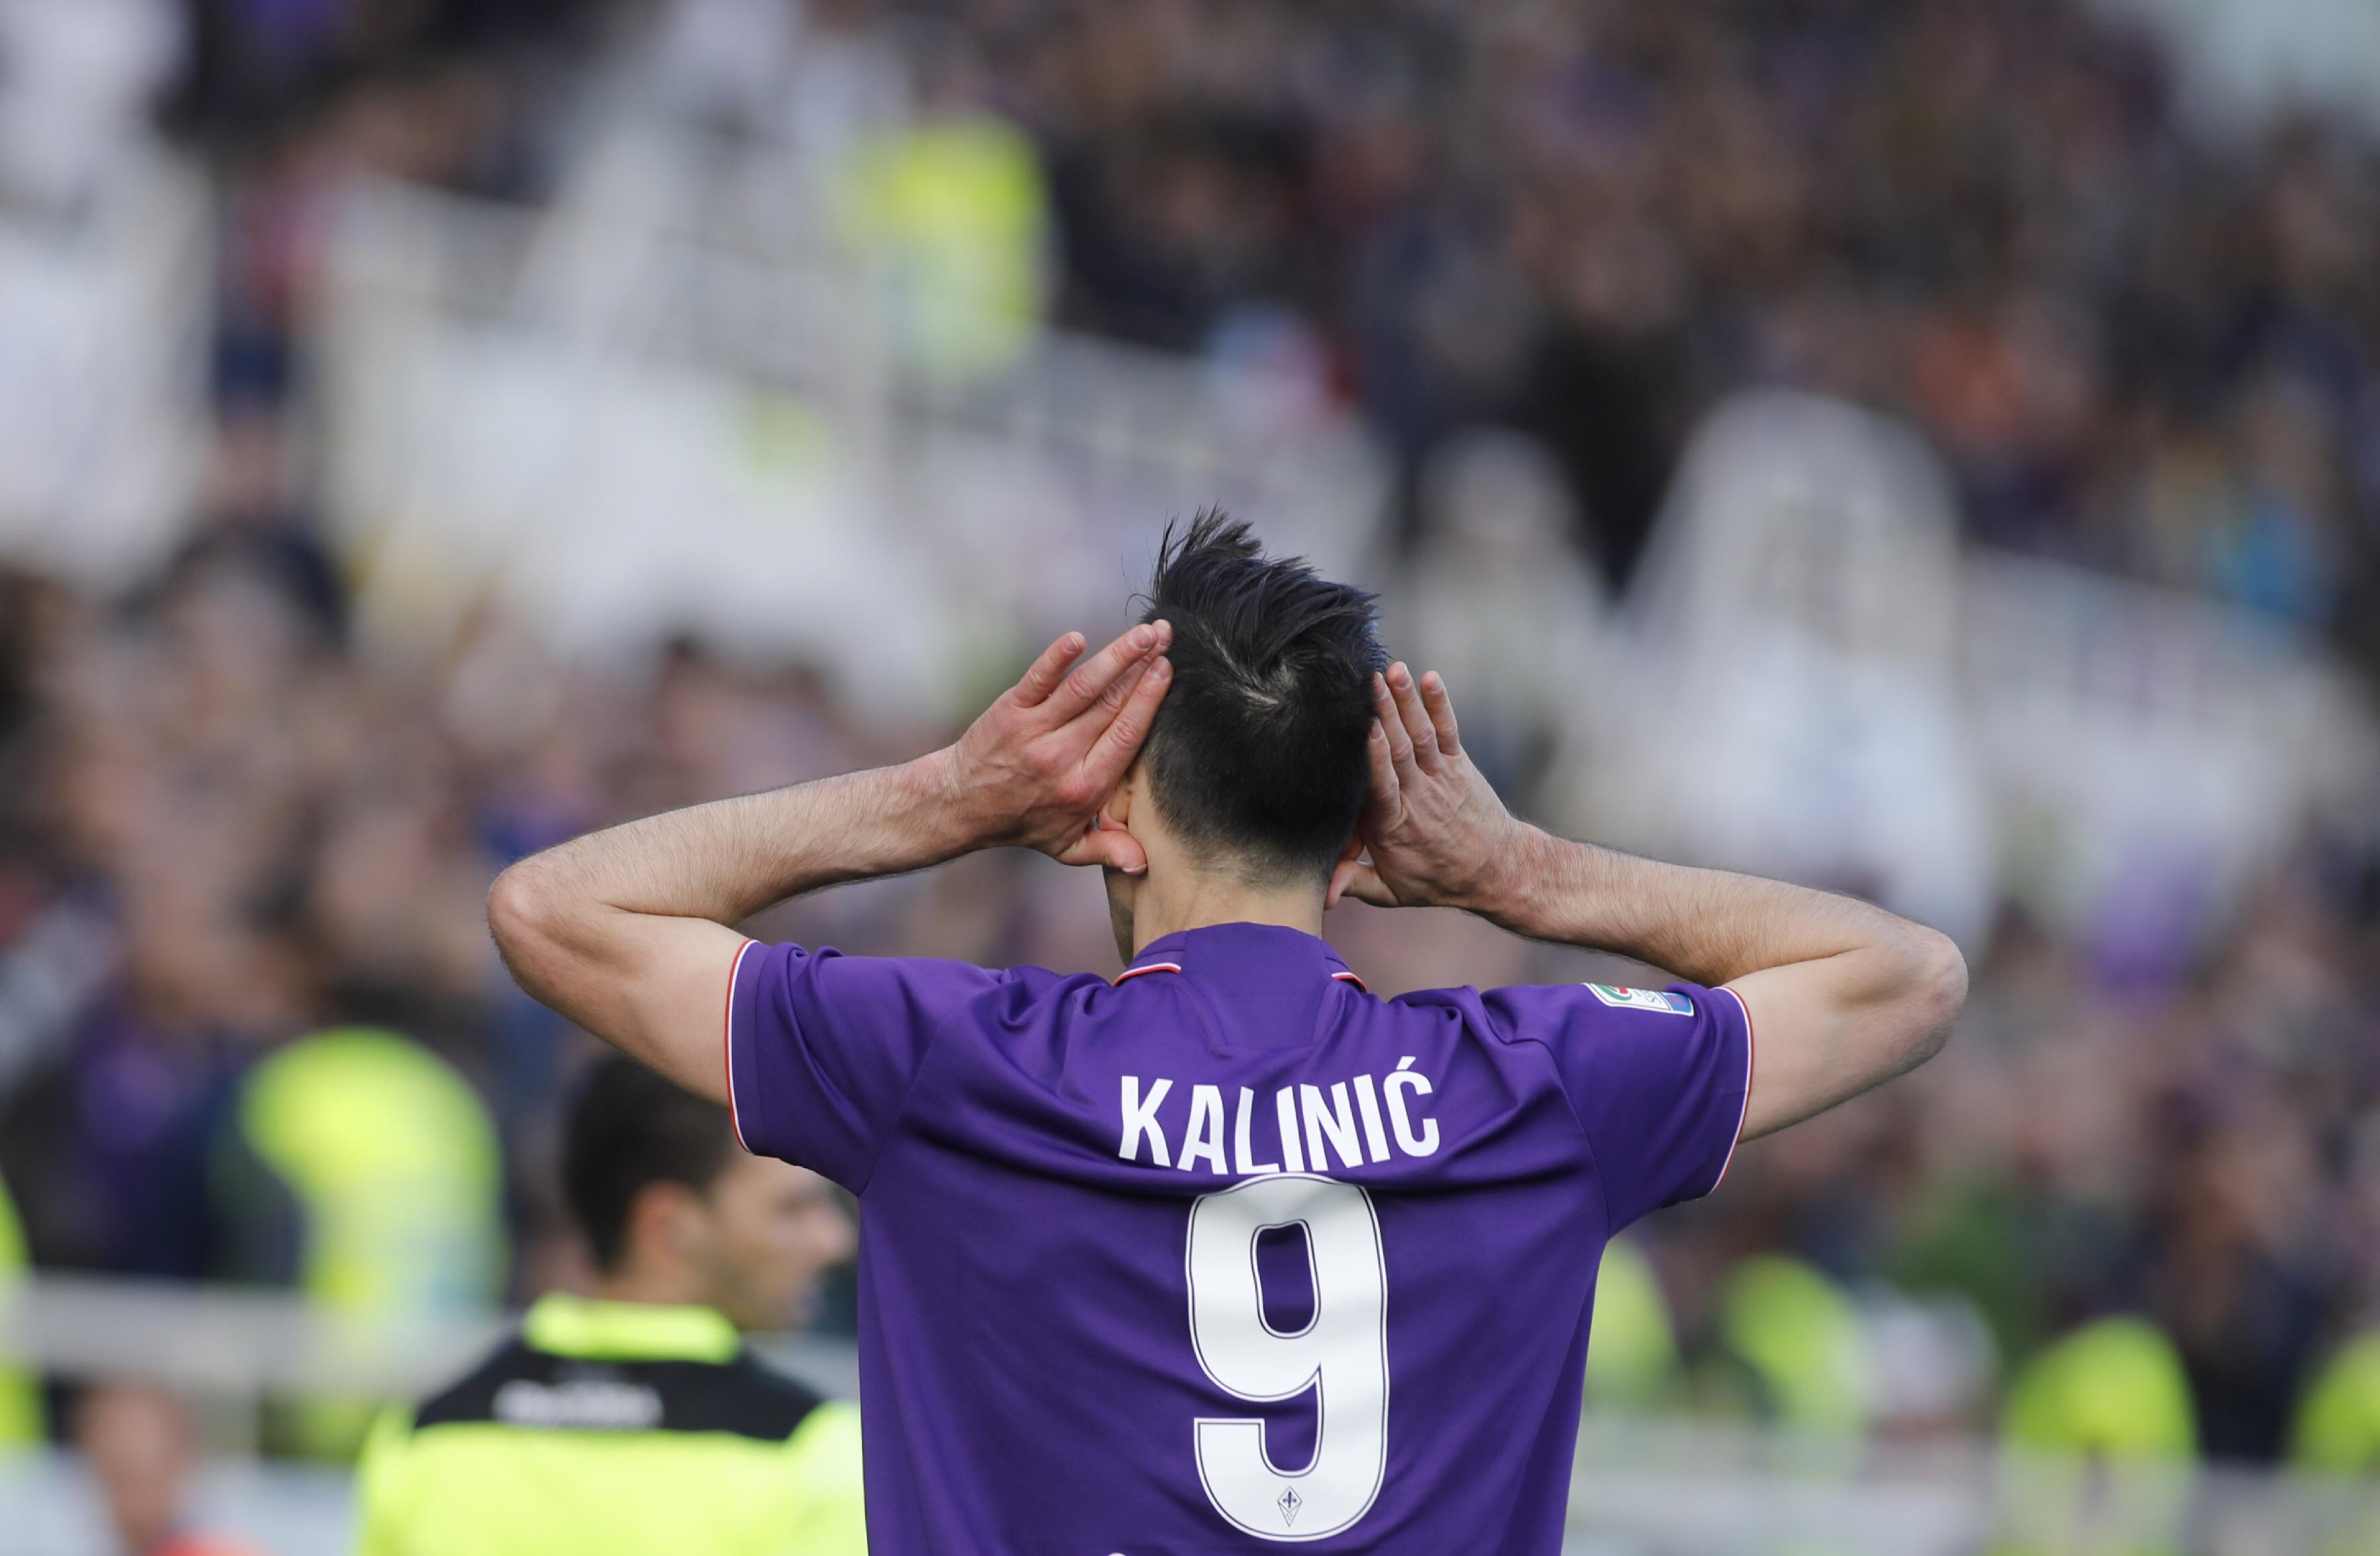 Milan-Kalinic, ci siamo: il croato a Milano per le visite ...